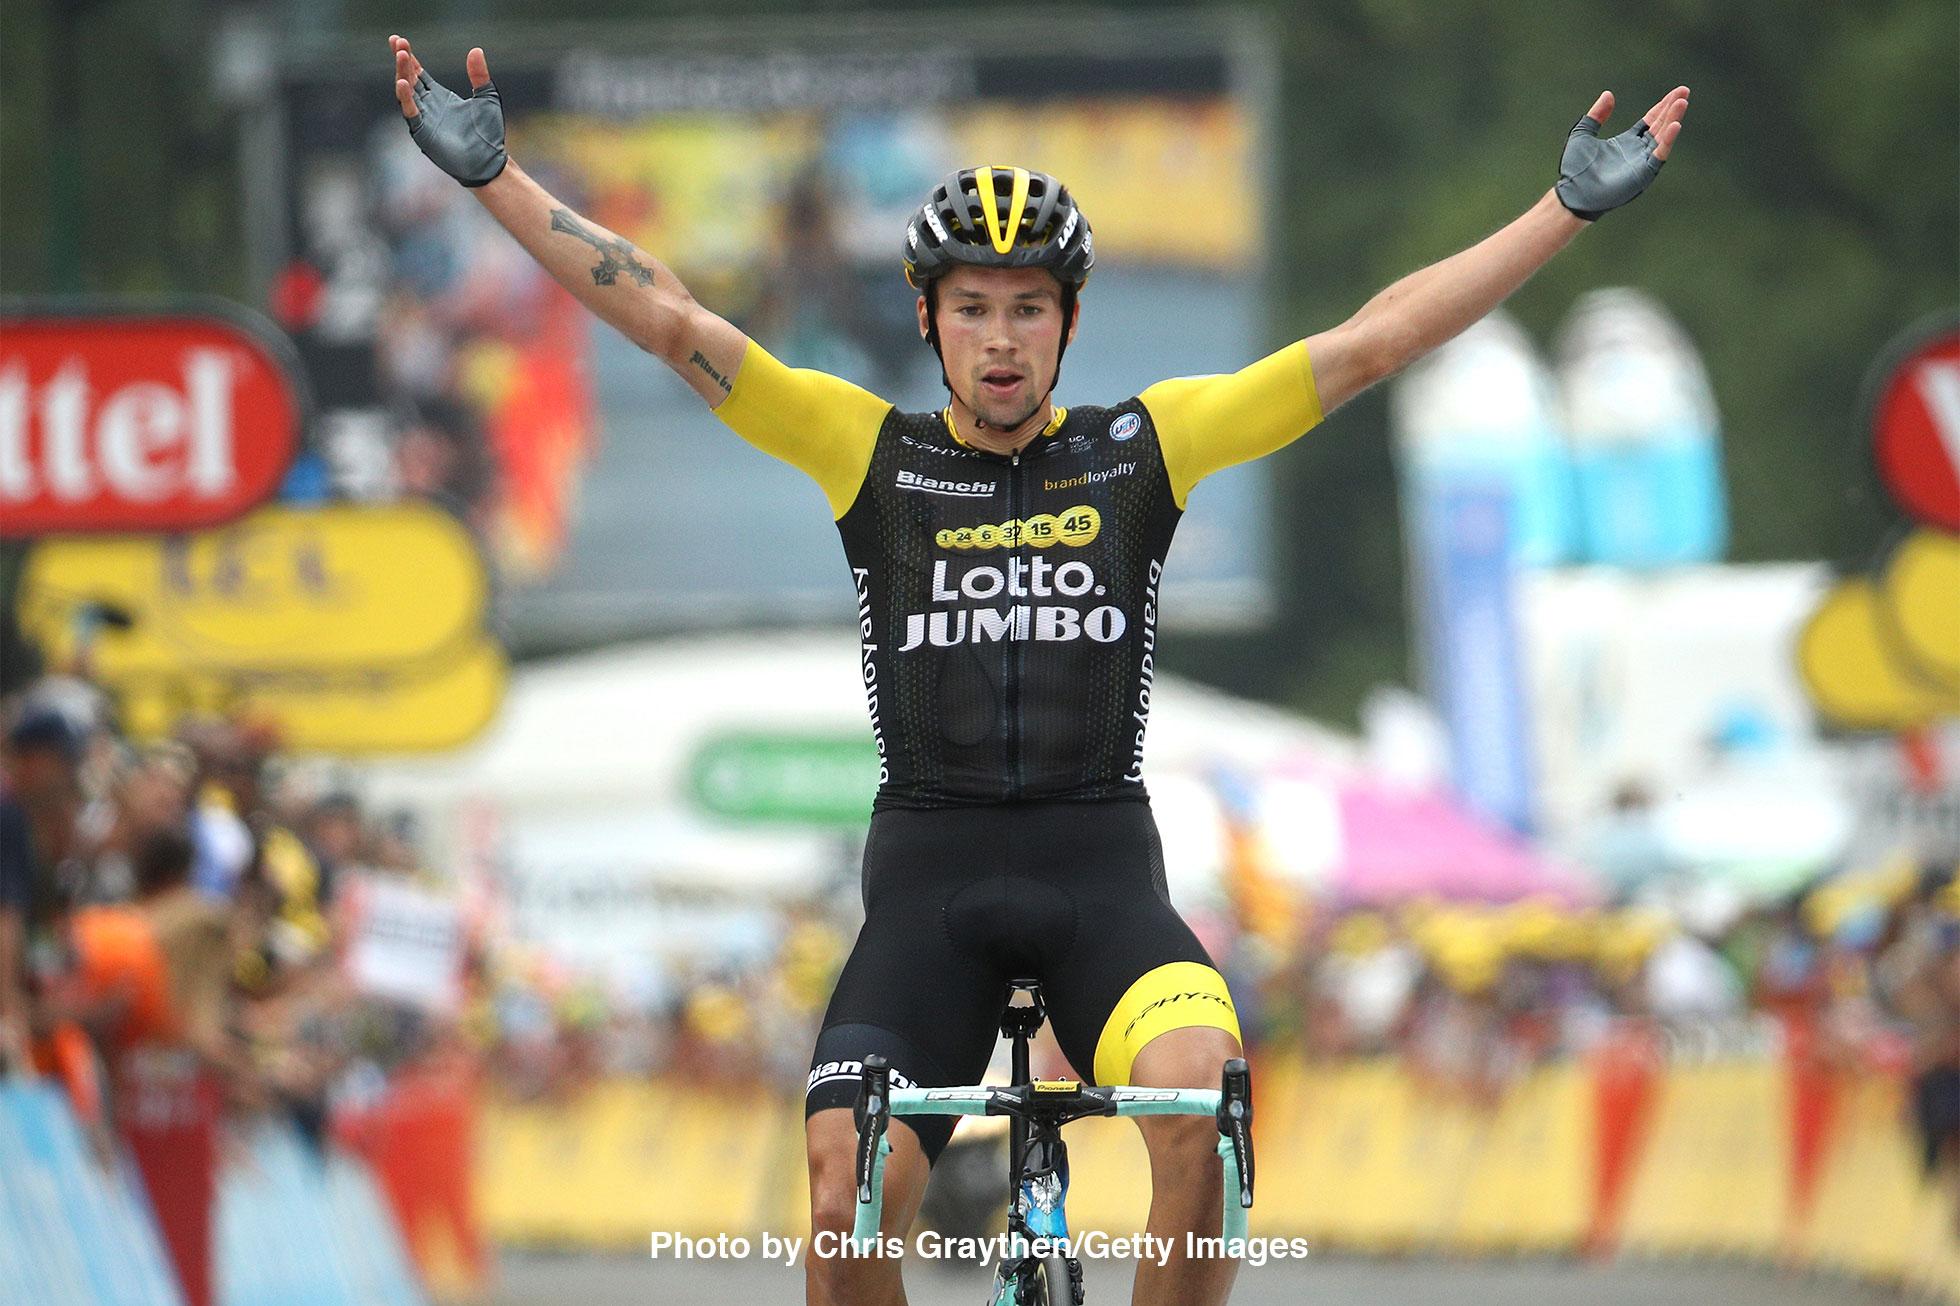 2018ツール・ド・フランス第19ステージ優勝のプリモシュ・ログリッチ